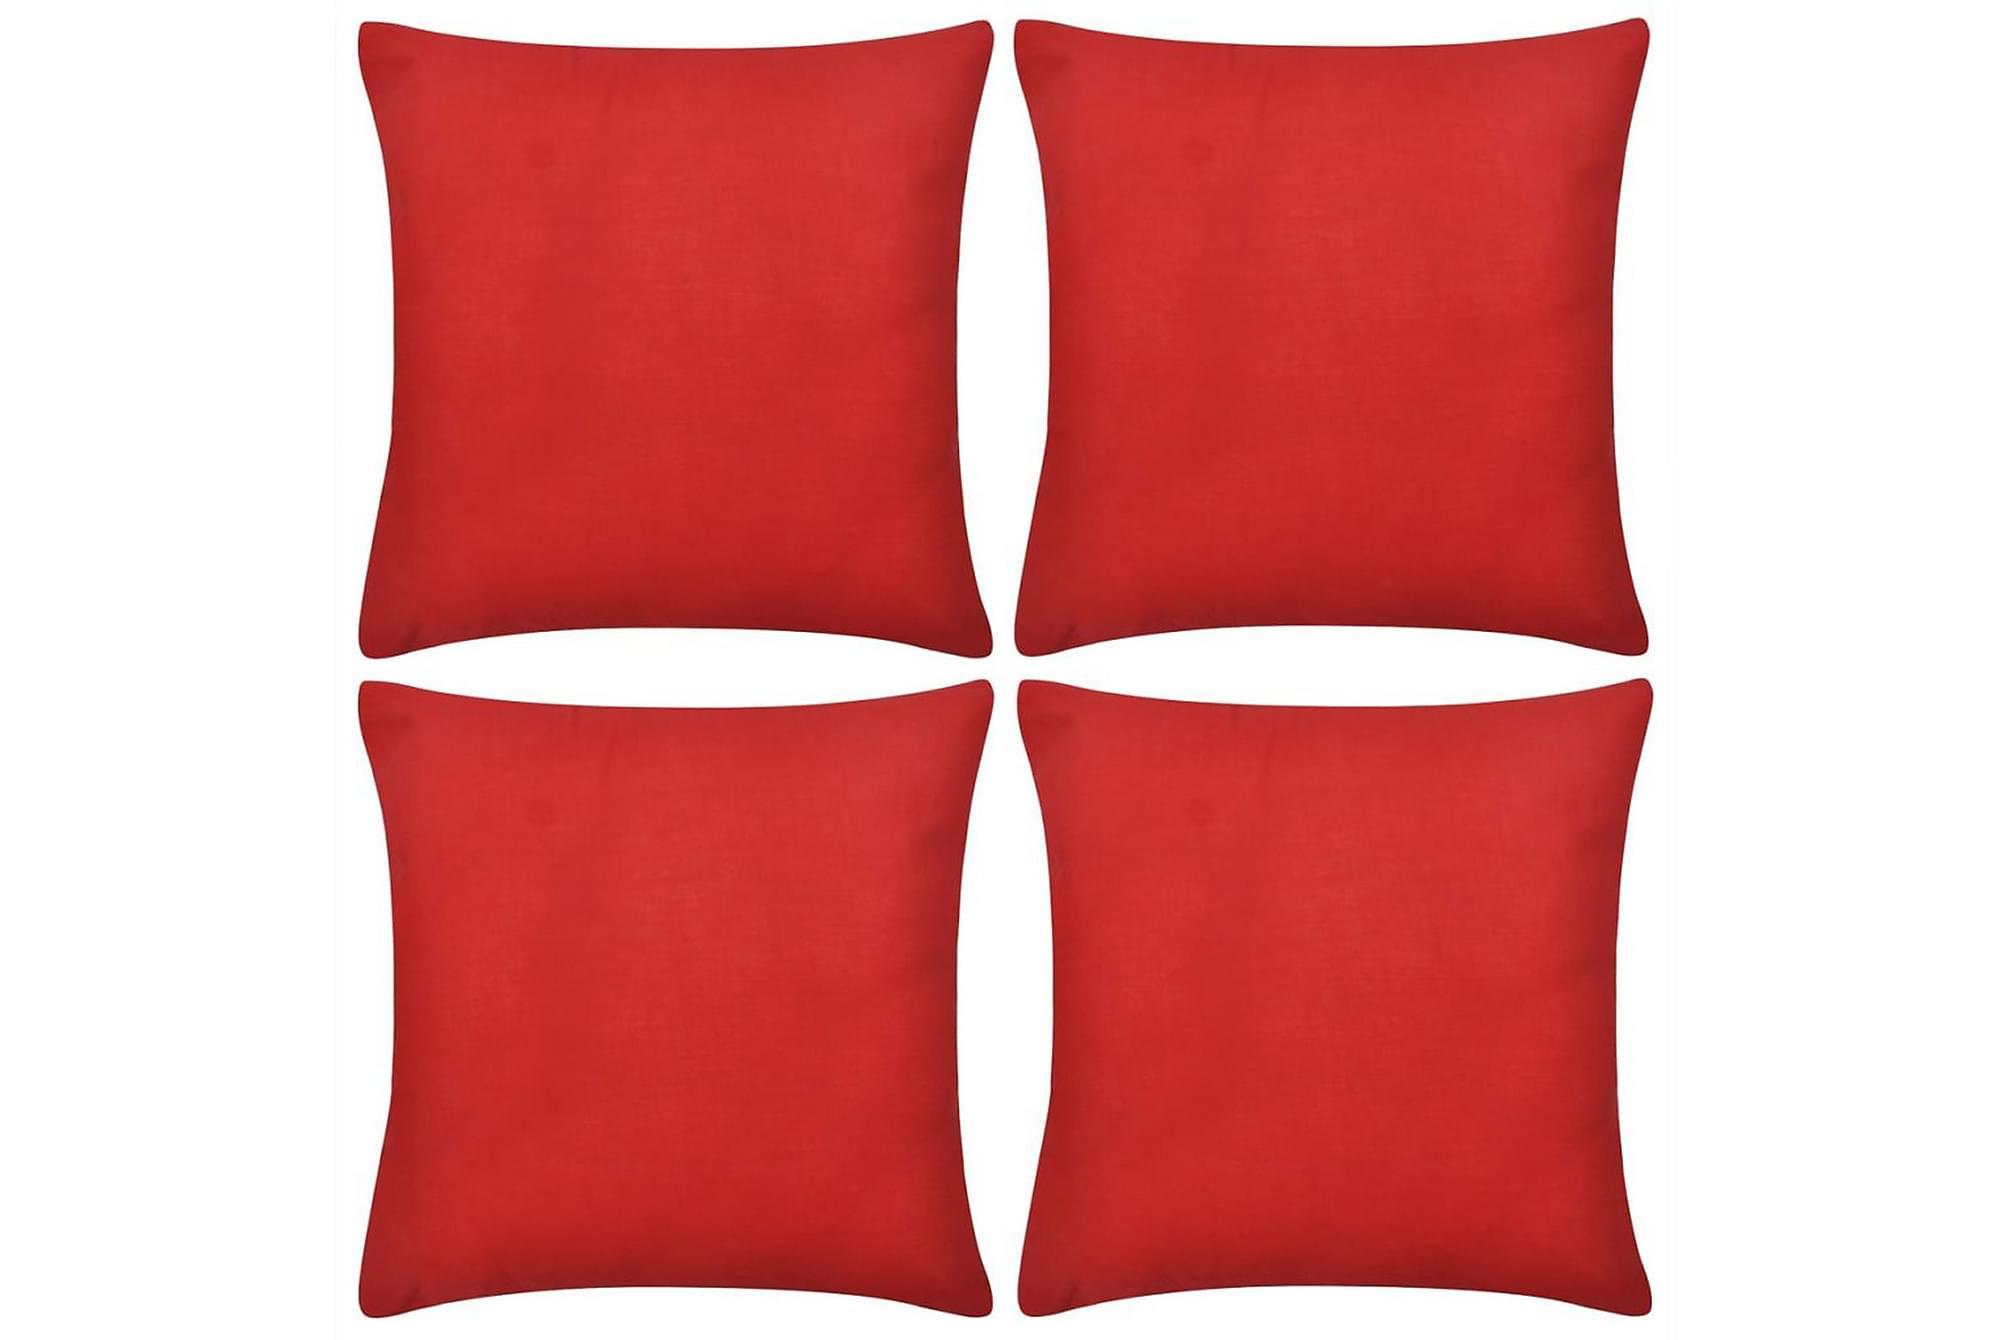 4 Kuddöverdrag i bomull röda 50 x 50 cm, Prydnadskuddar & filtar